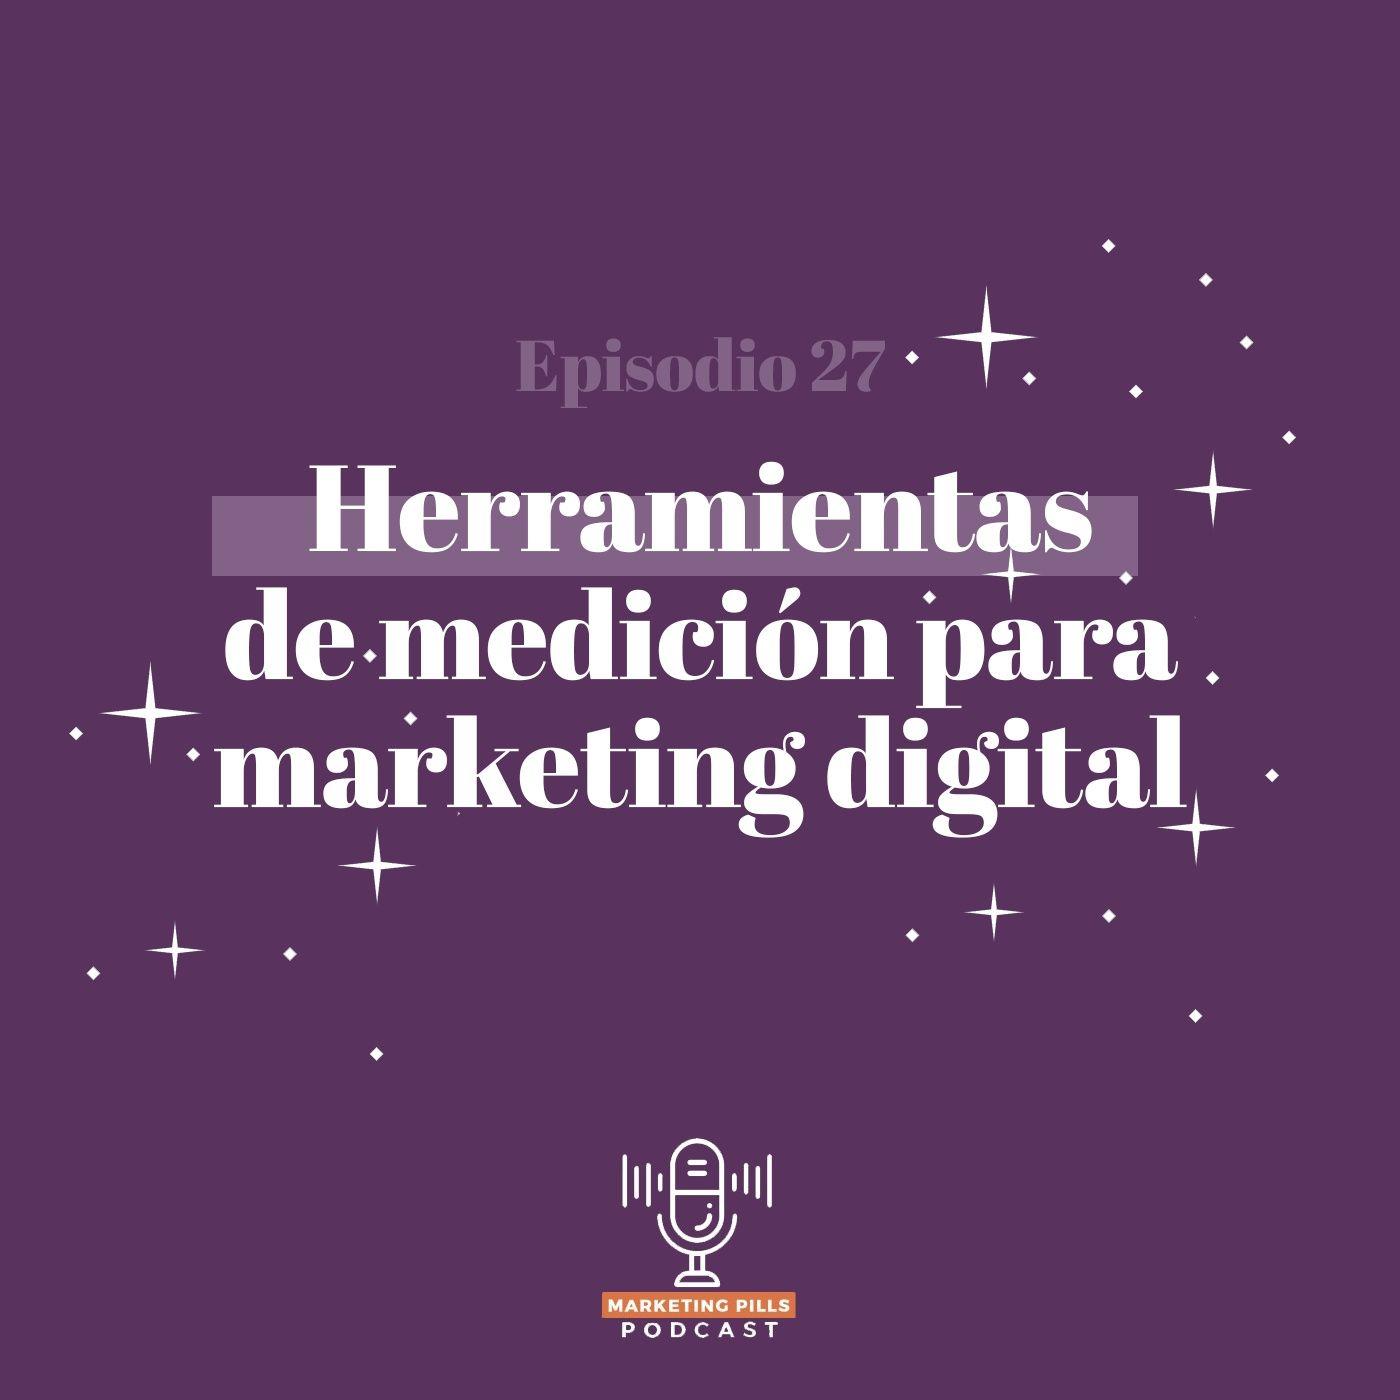 ⚡ Episodio 27 - Herramientas De Medición En Marketing Digital